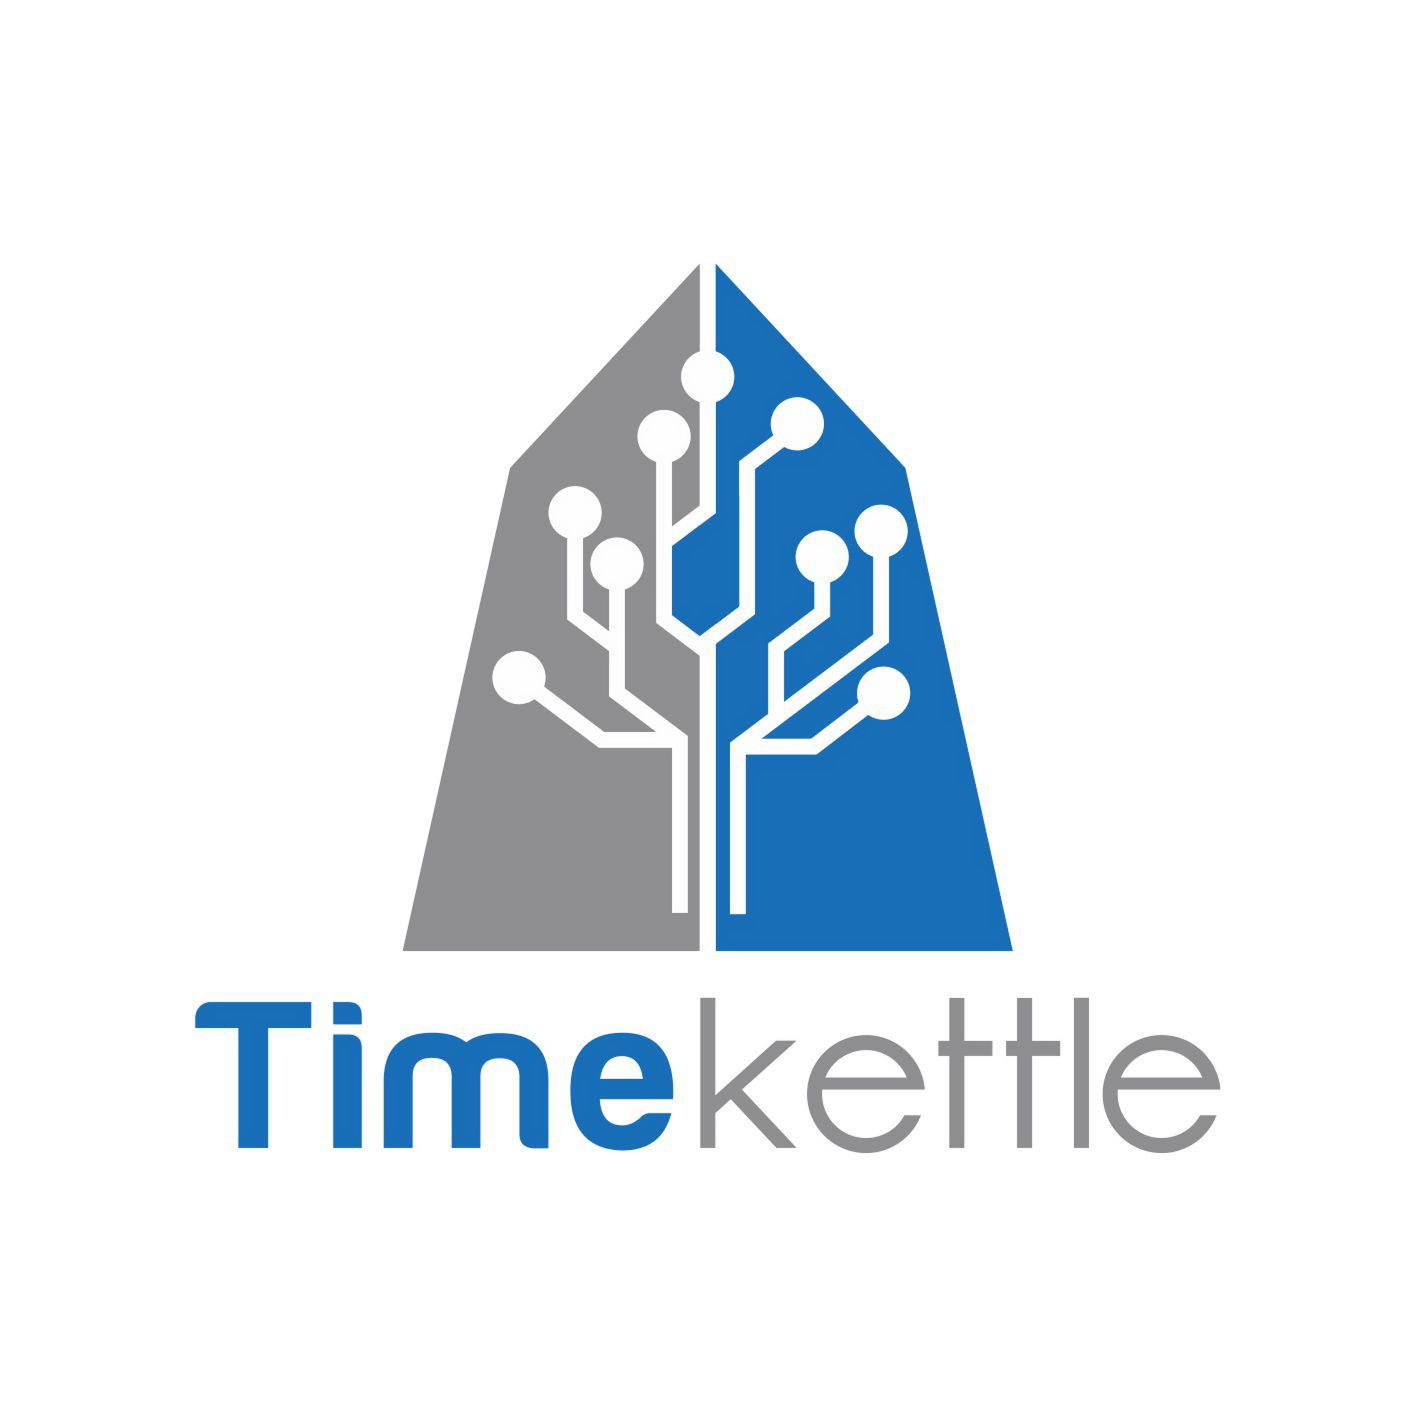 Shenzhen Timekettle Technologies Co., Ltd